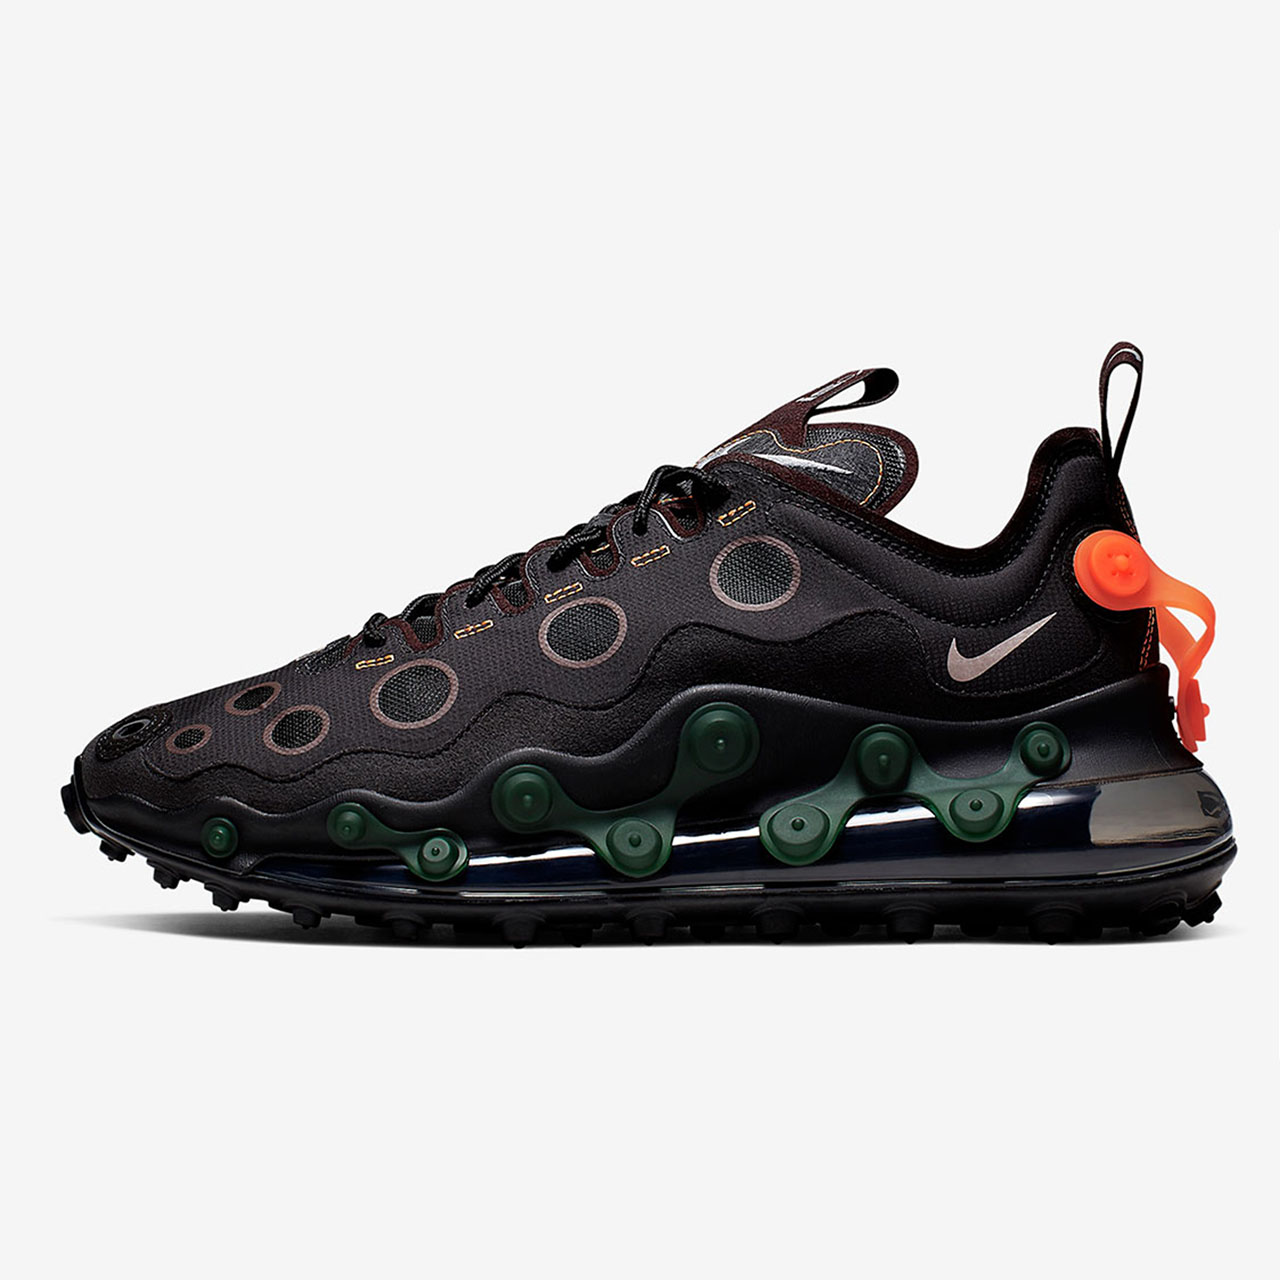 خرید                      کفش مخصوص پیاده روی مردانه نایکی مدل AirMax 720 ispa              👟